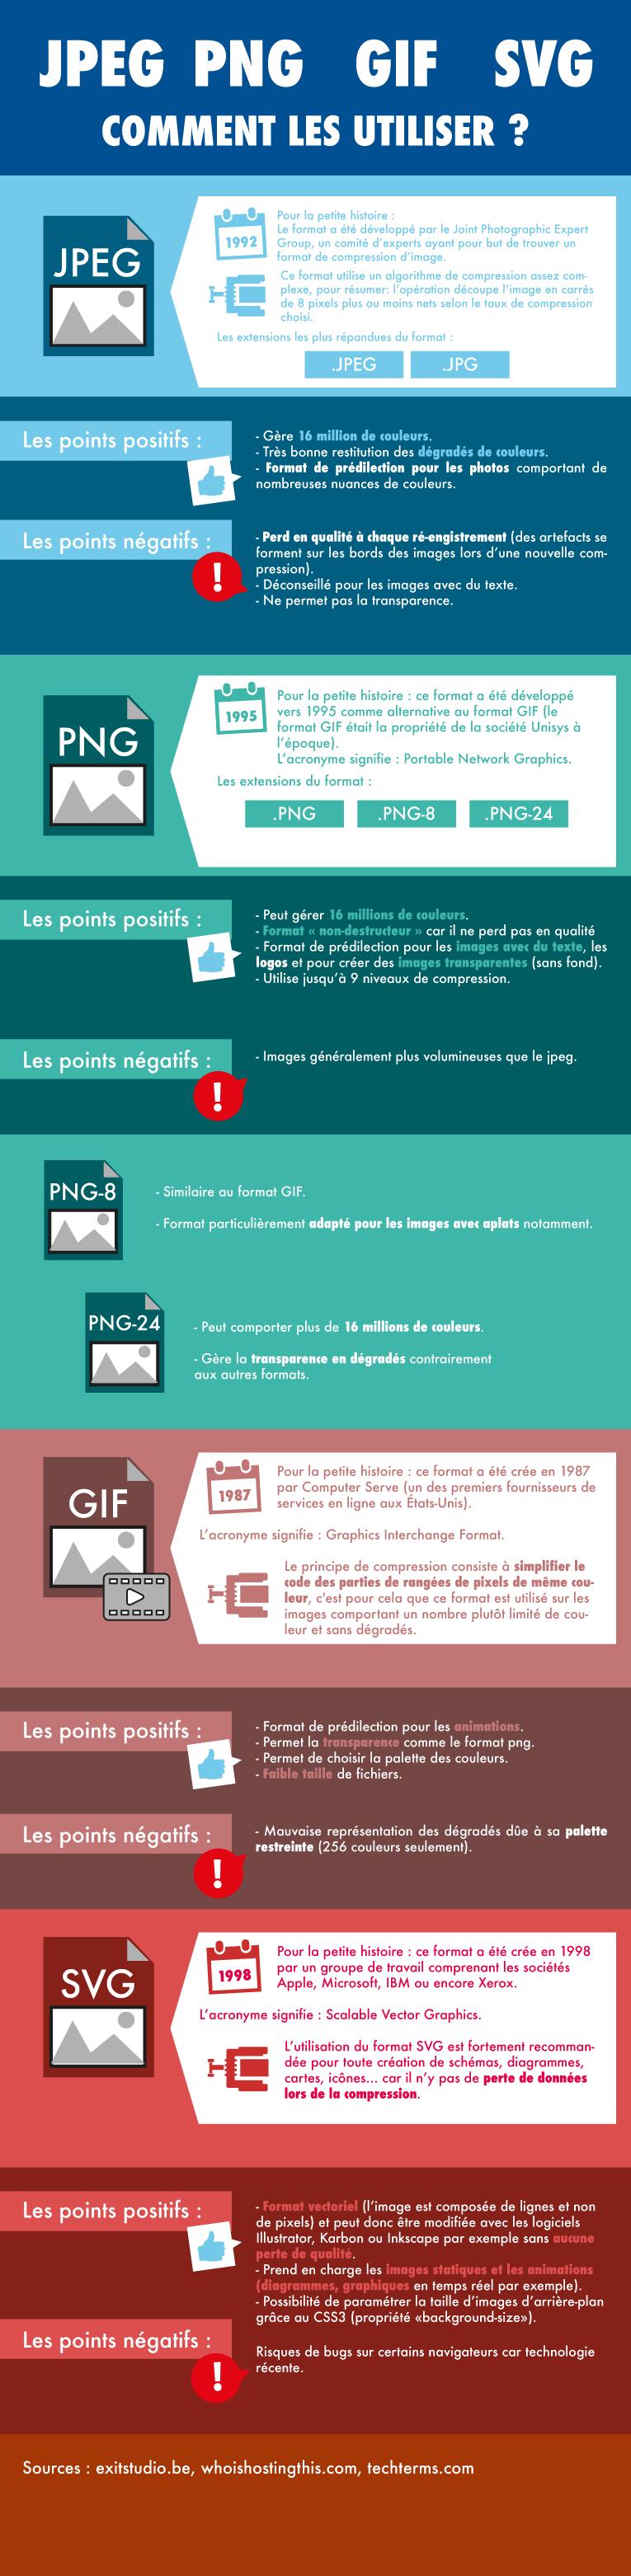 infographie sur les formats d'images